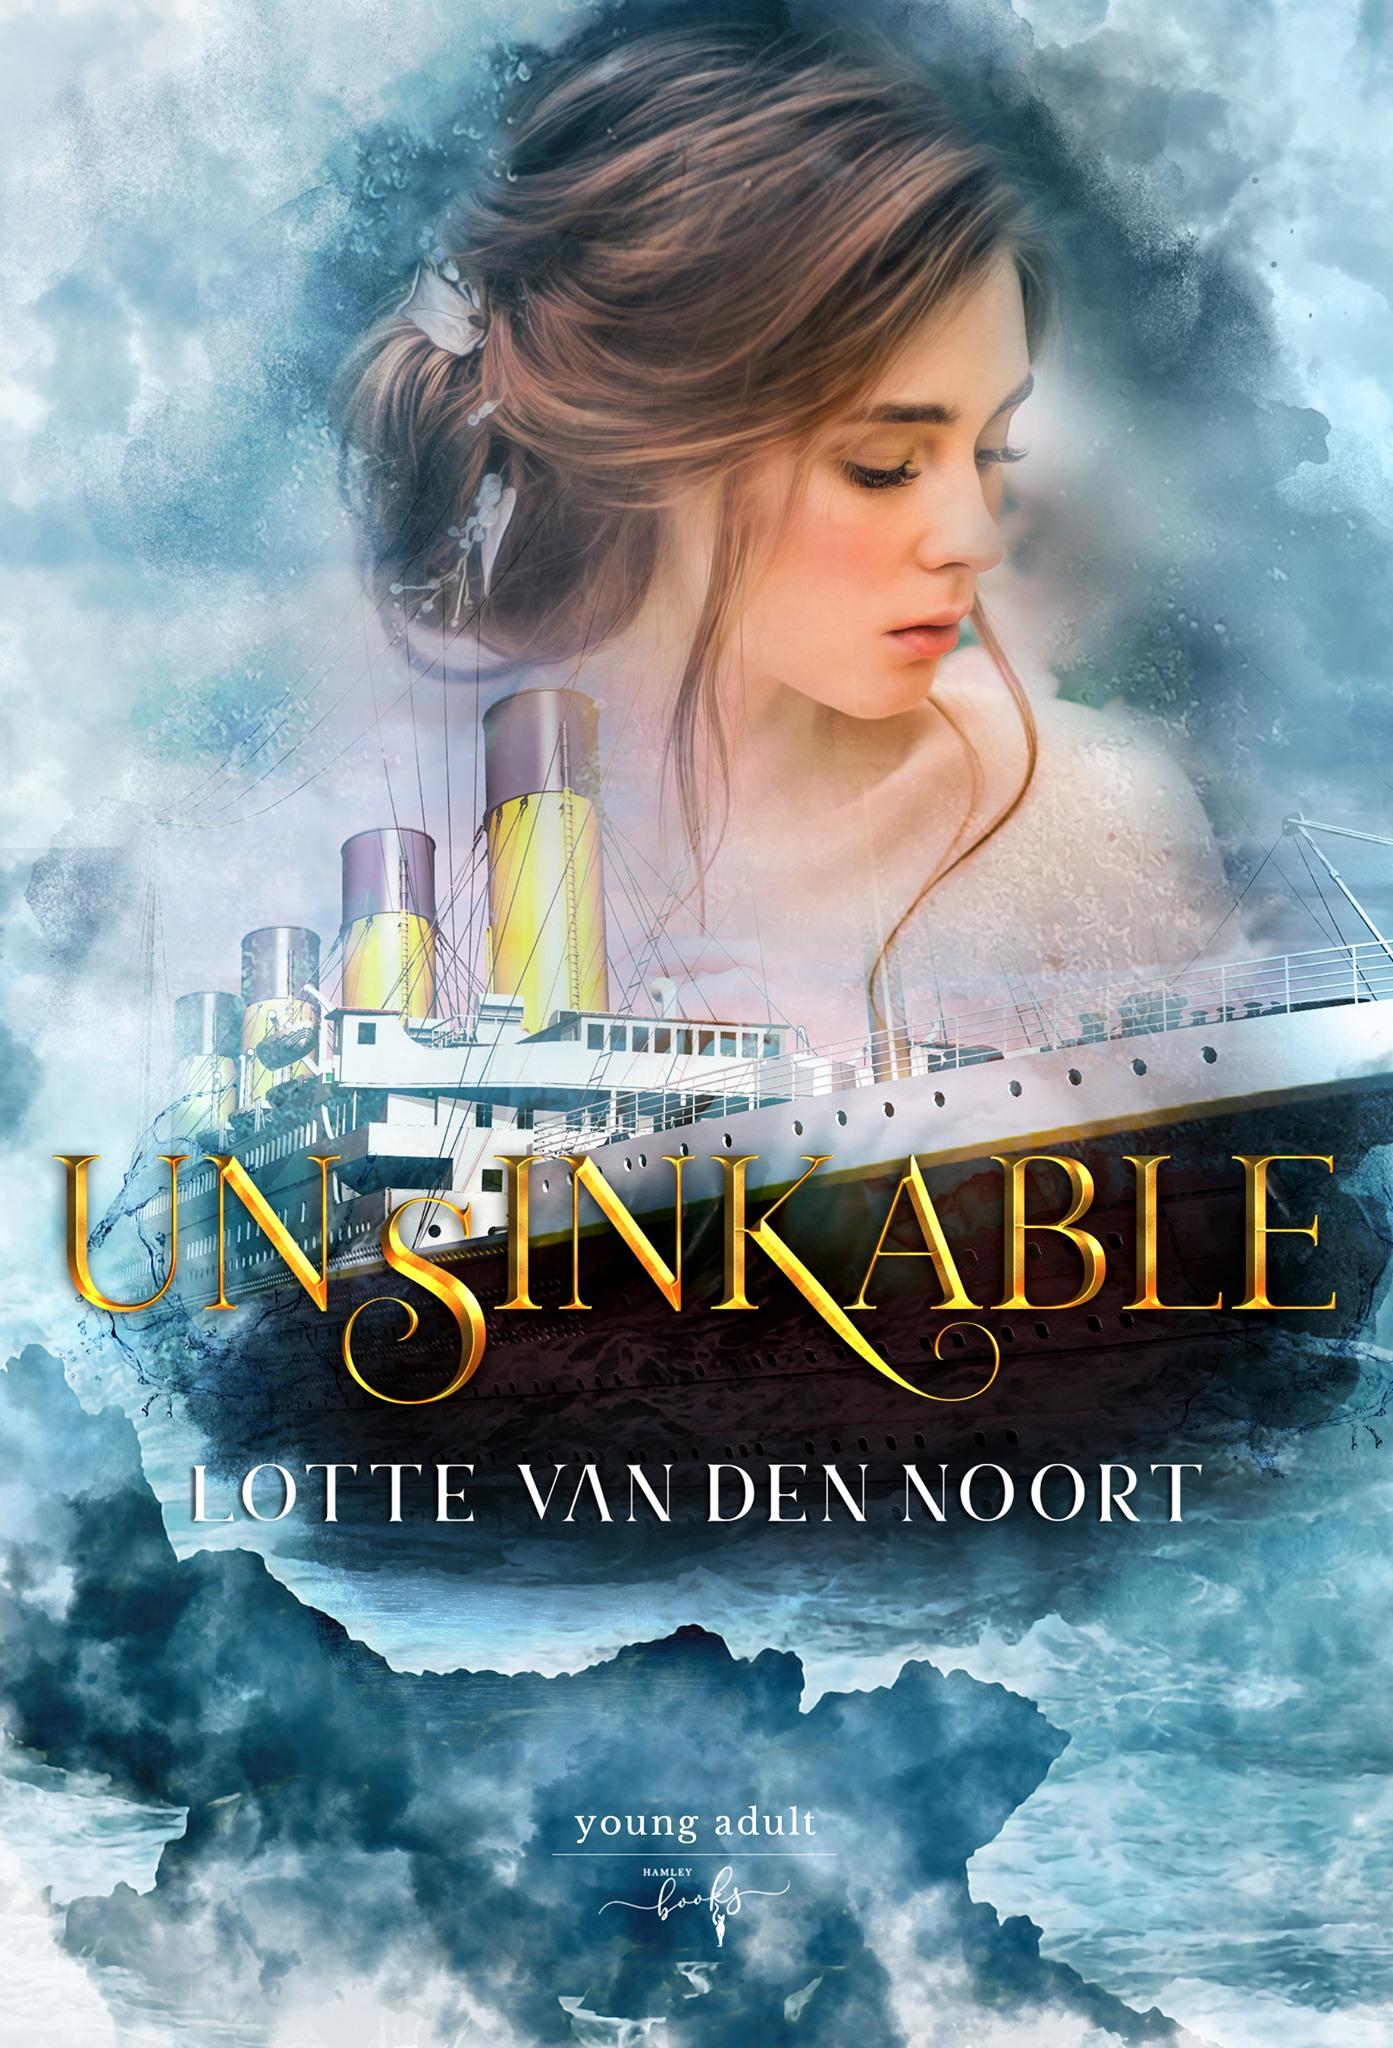 Unsinkable Lotte van den Noort